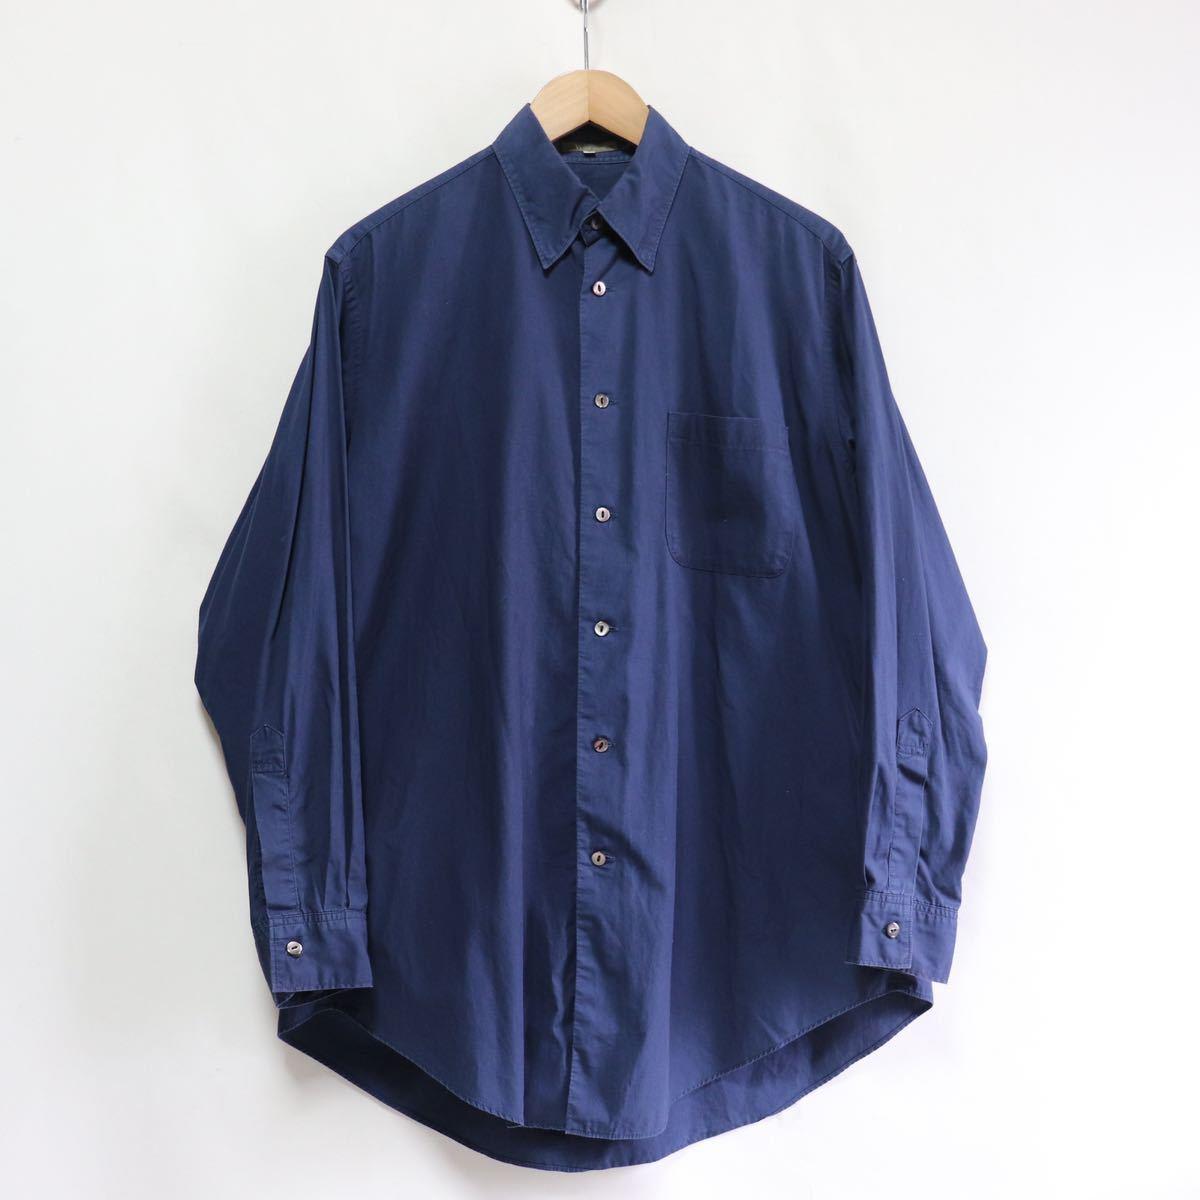 希少【Y's for men Yohji Yamamoto】ビッグシルエット/シャツ 長袖シャツ/S/ワイズ ヨウジヤマモト